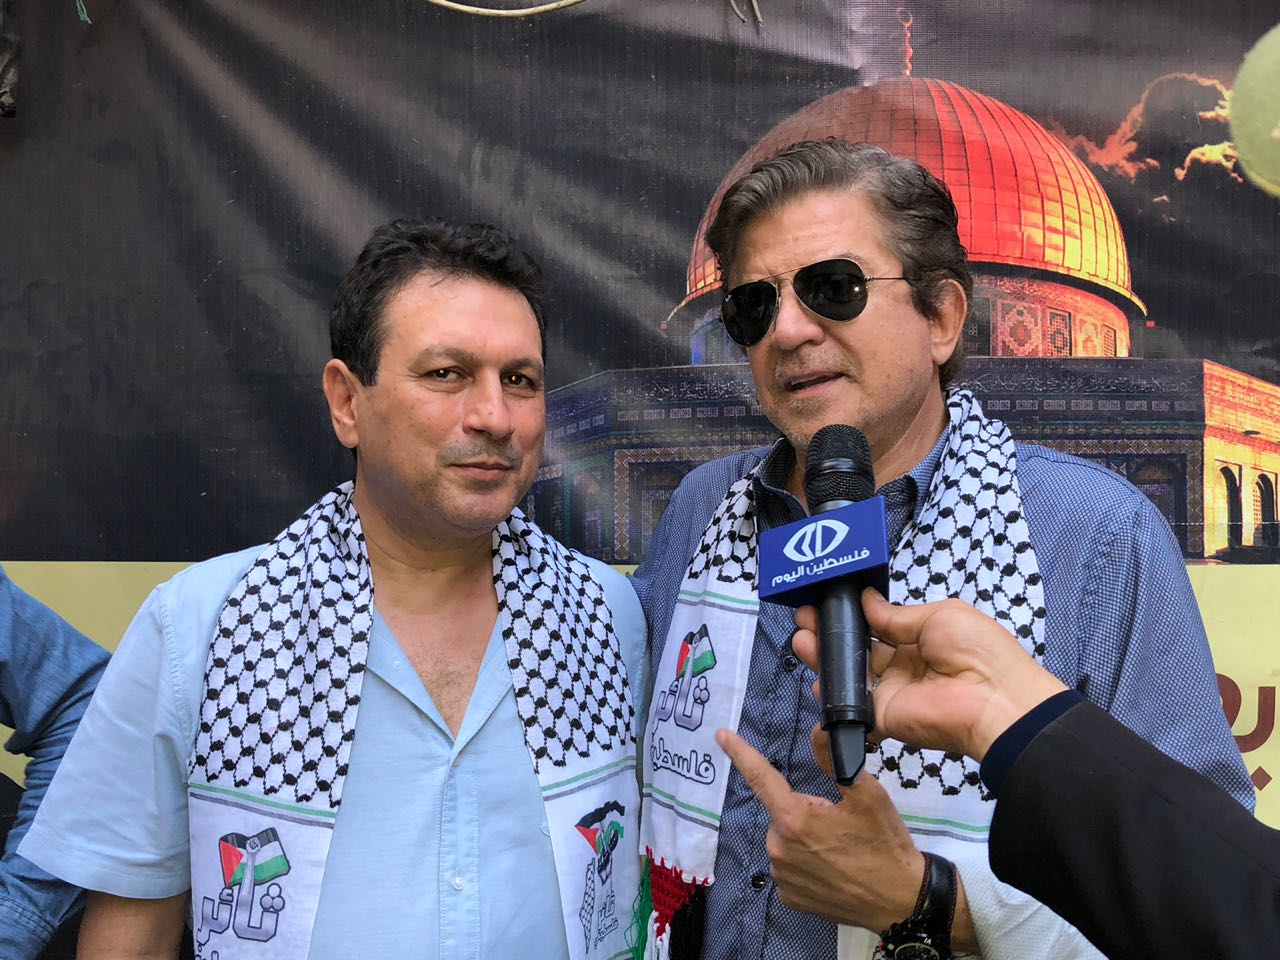 3611bb59d أخر كلام   وليد توفيق يزور أهالى مخيم شاتيلا الفلسطينى لتهنئتهم بعيد الأضحى